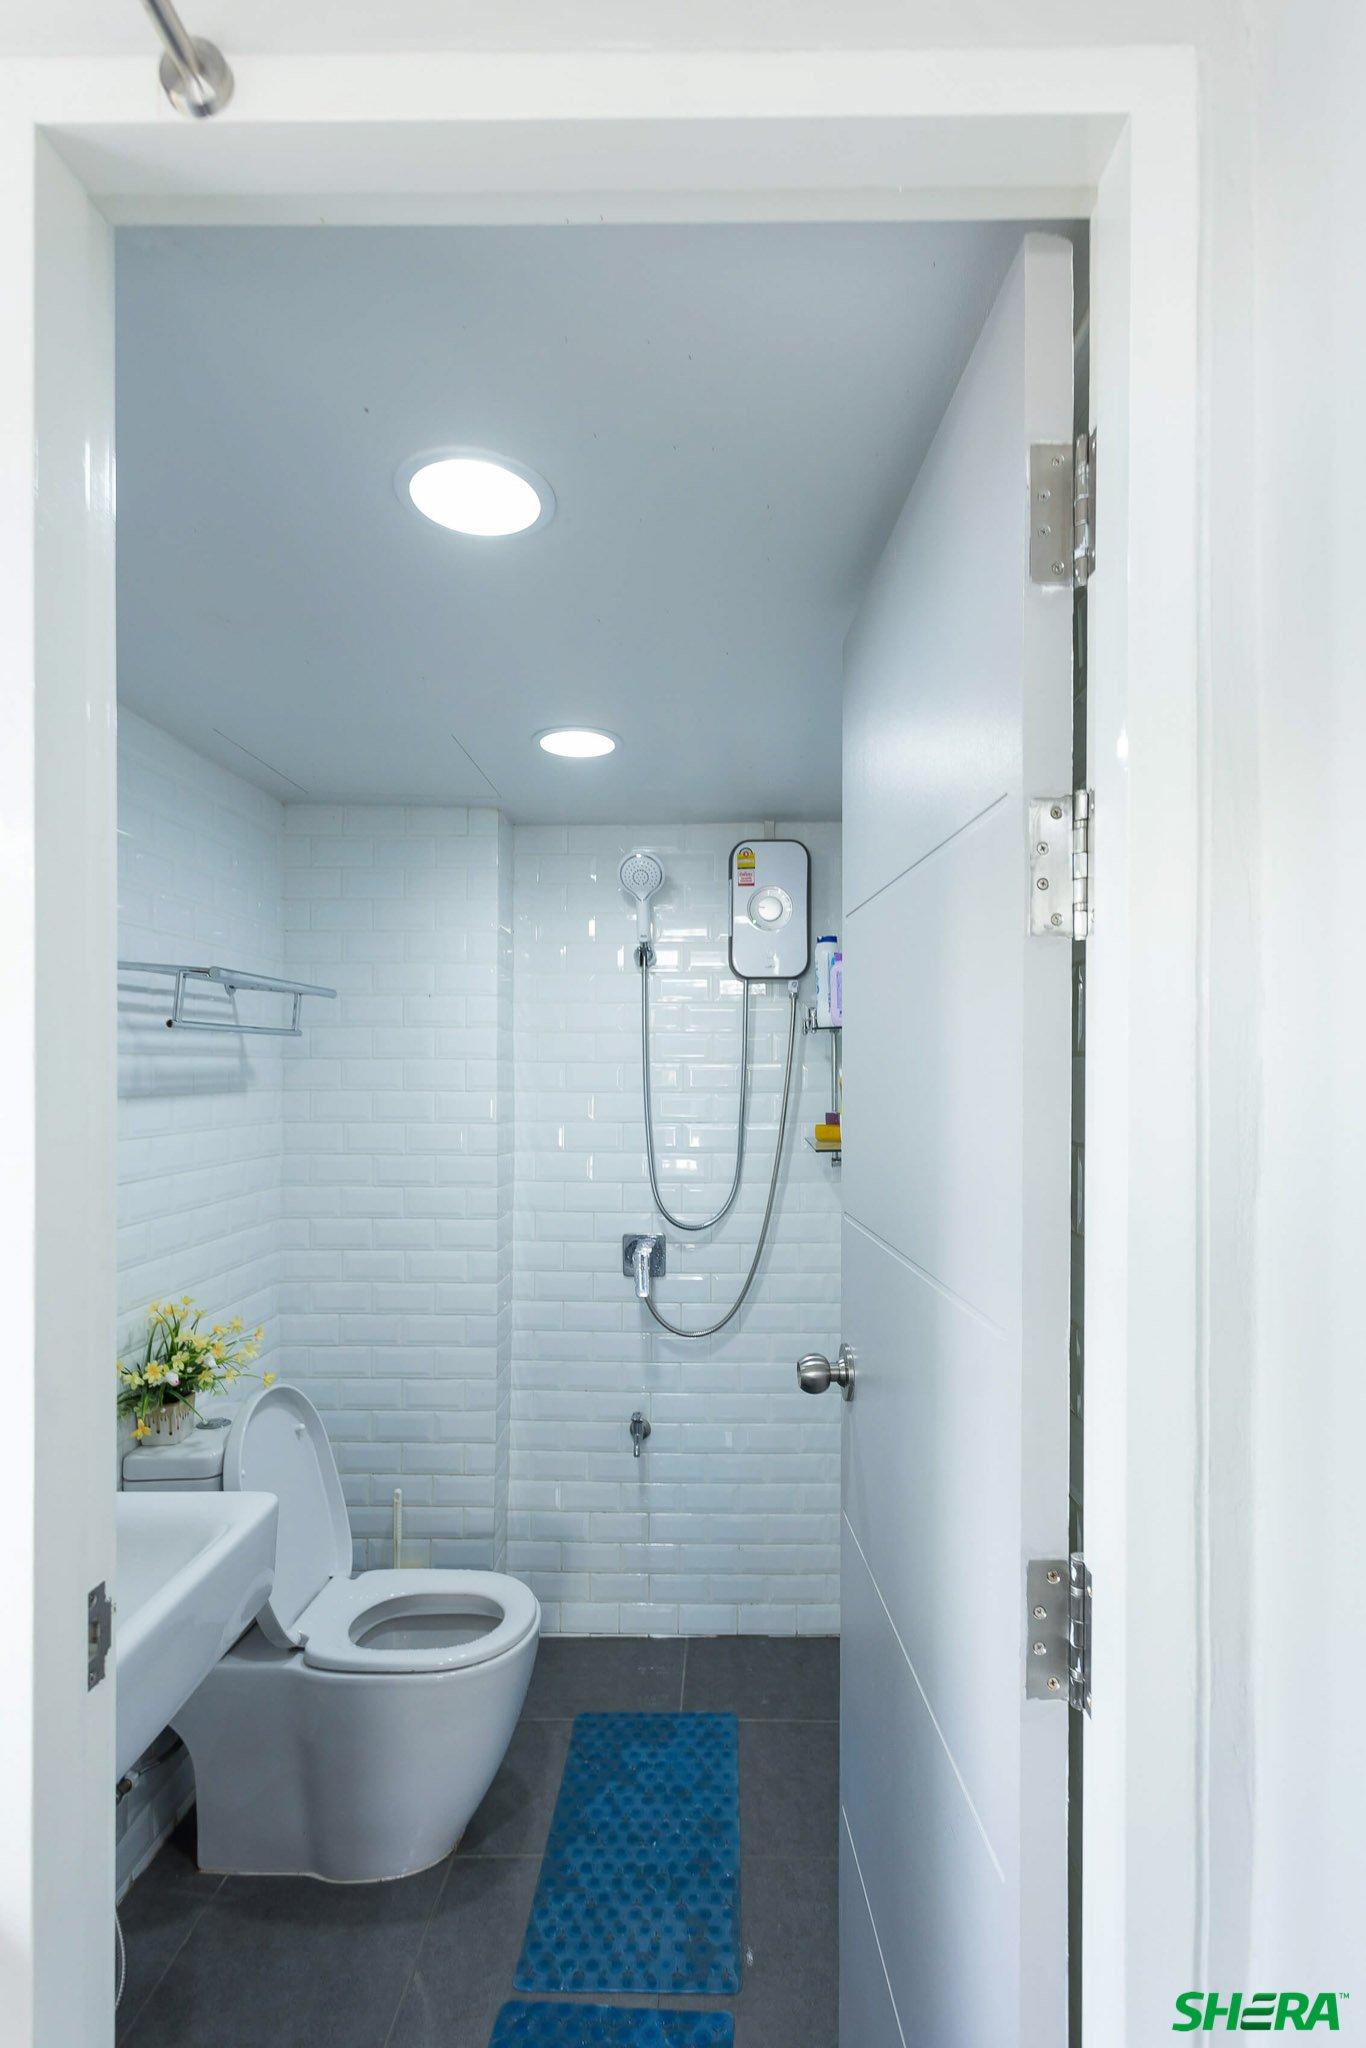 รีโนเวทบ้าน แปลงคอนโดเก่าเป็นสไตล์ Loft และประตูสวยทนด้วยไฟเบอร์ซีเมนต์จาก Shera 31 - fiber cement wood